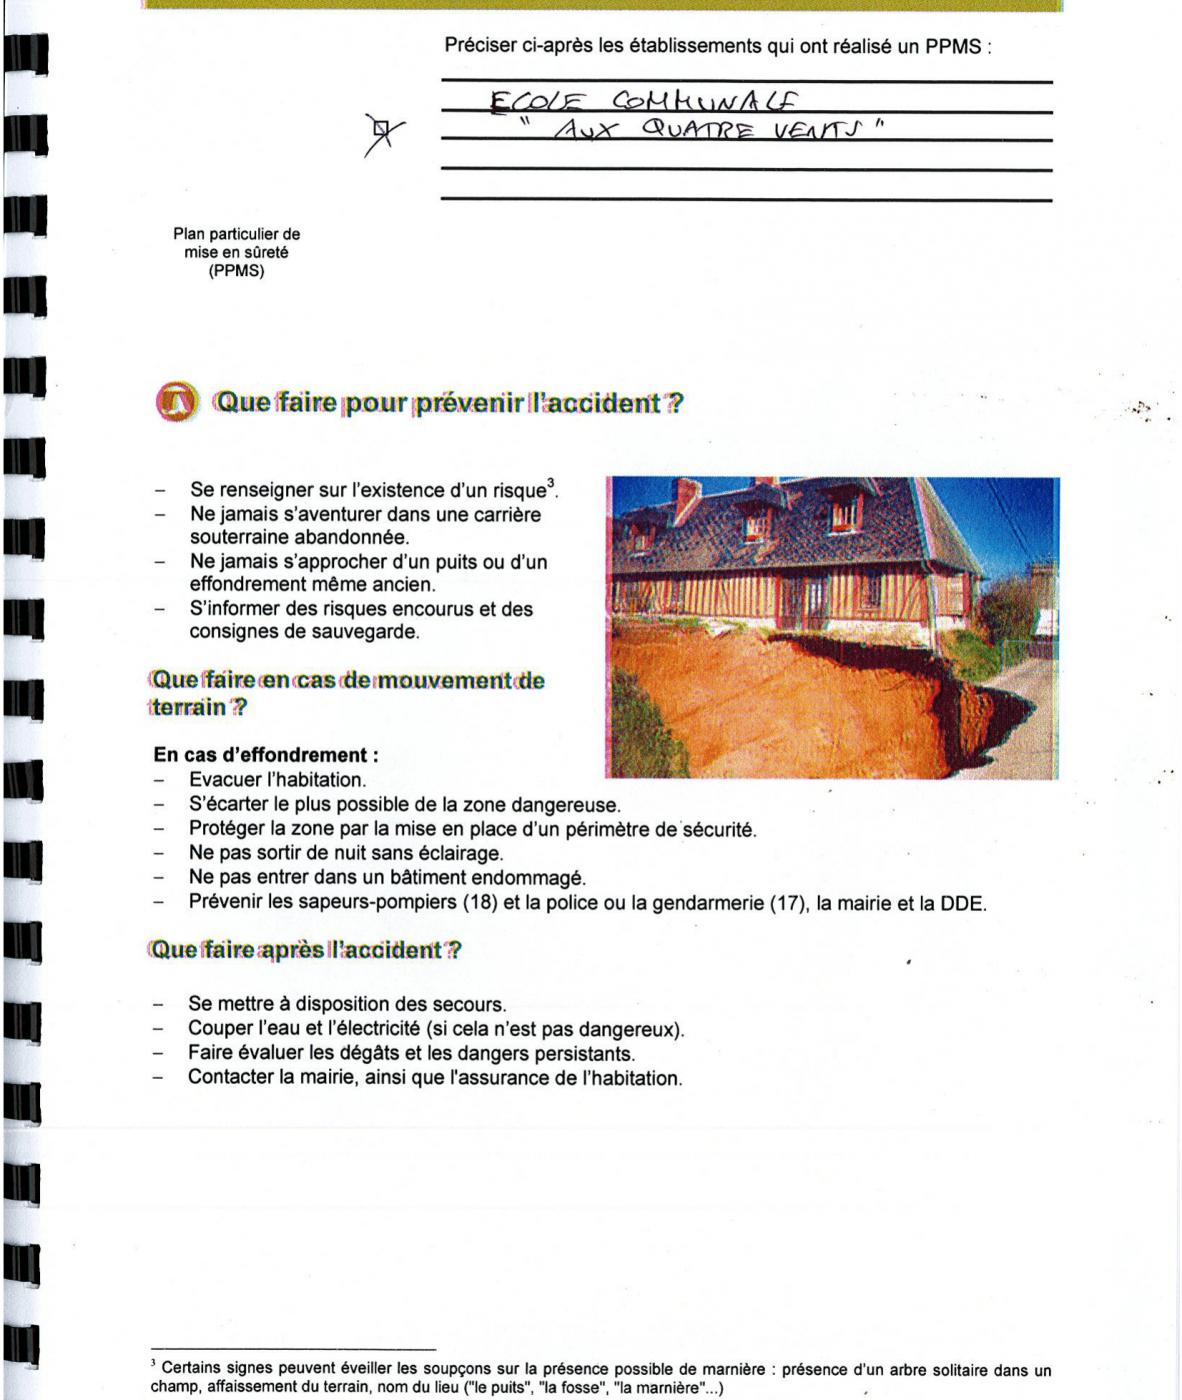 dicrim-page-compl-1